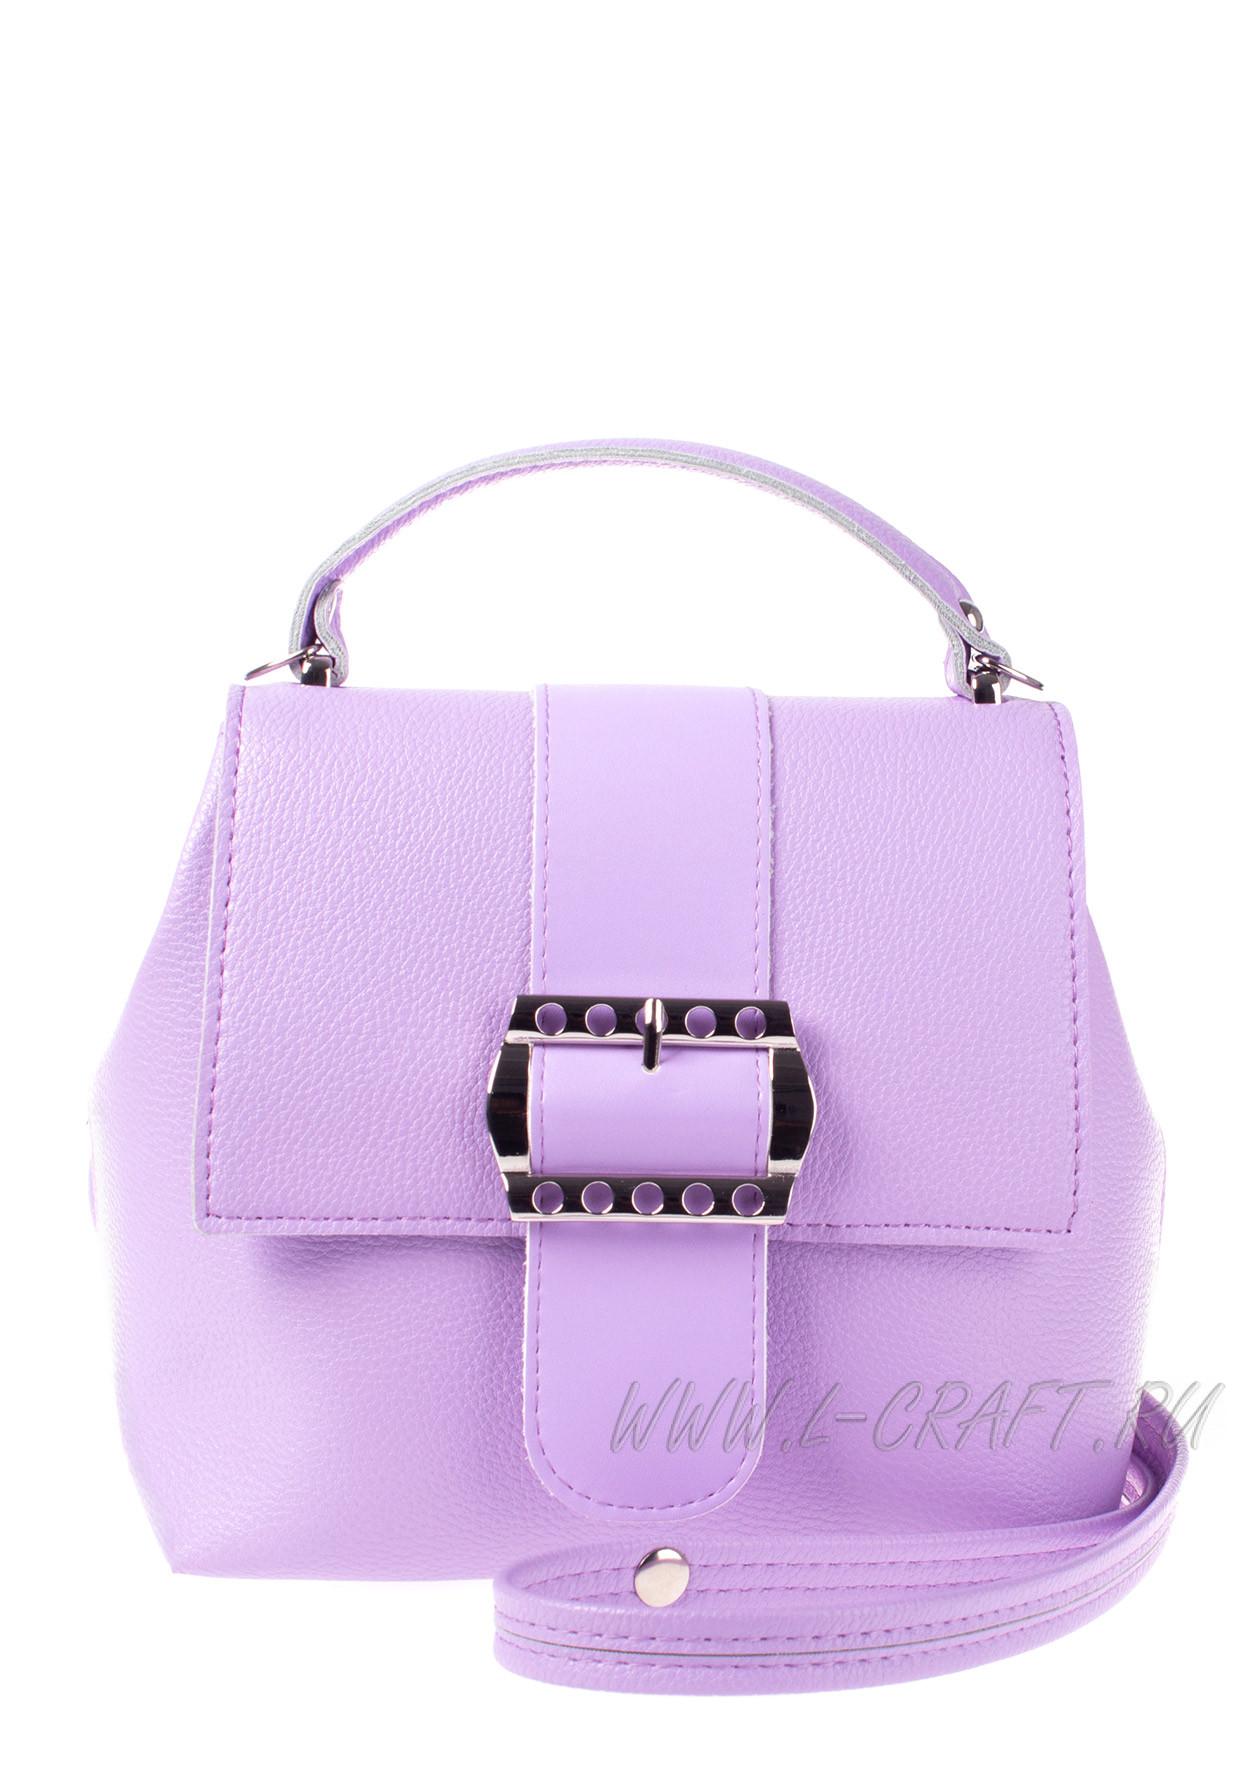 Модель №V139 | кожзам | гладкий | фиолетовый | Р807-6 | 25606